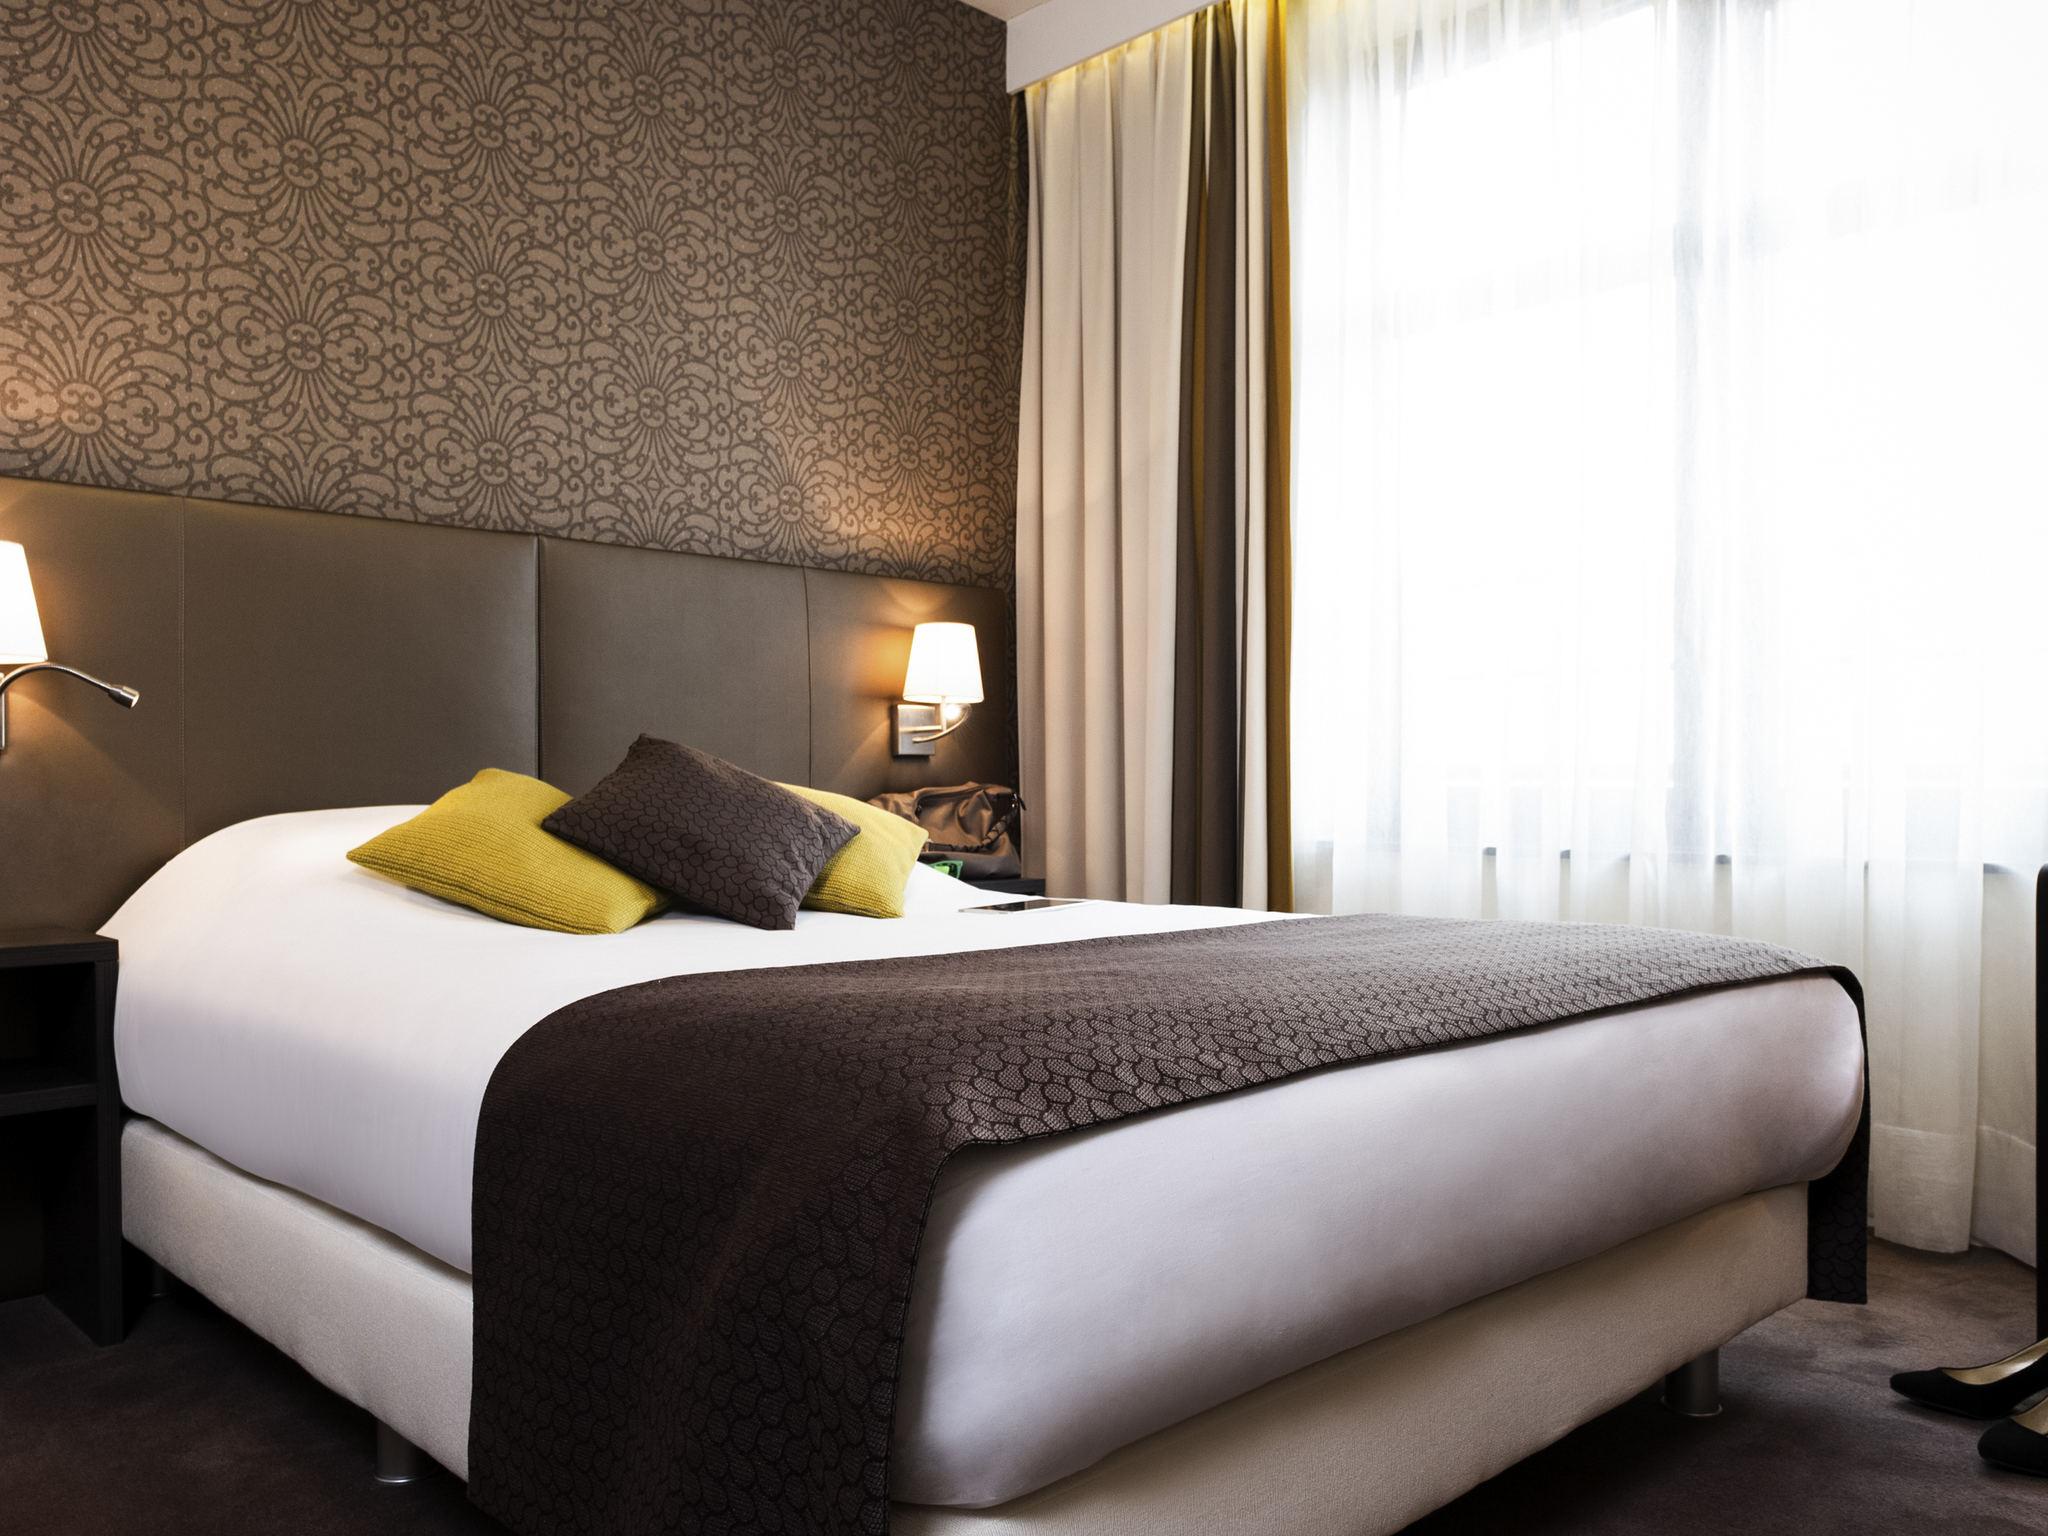 โรงแรม – ไอบิส สไตล์ บรัสเซลส์ เซ็นเตอร์ สเตฟานี่